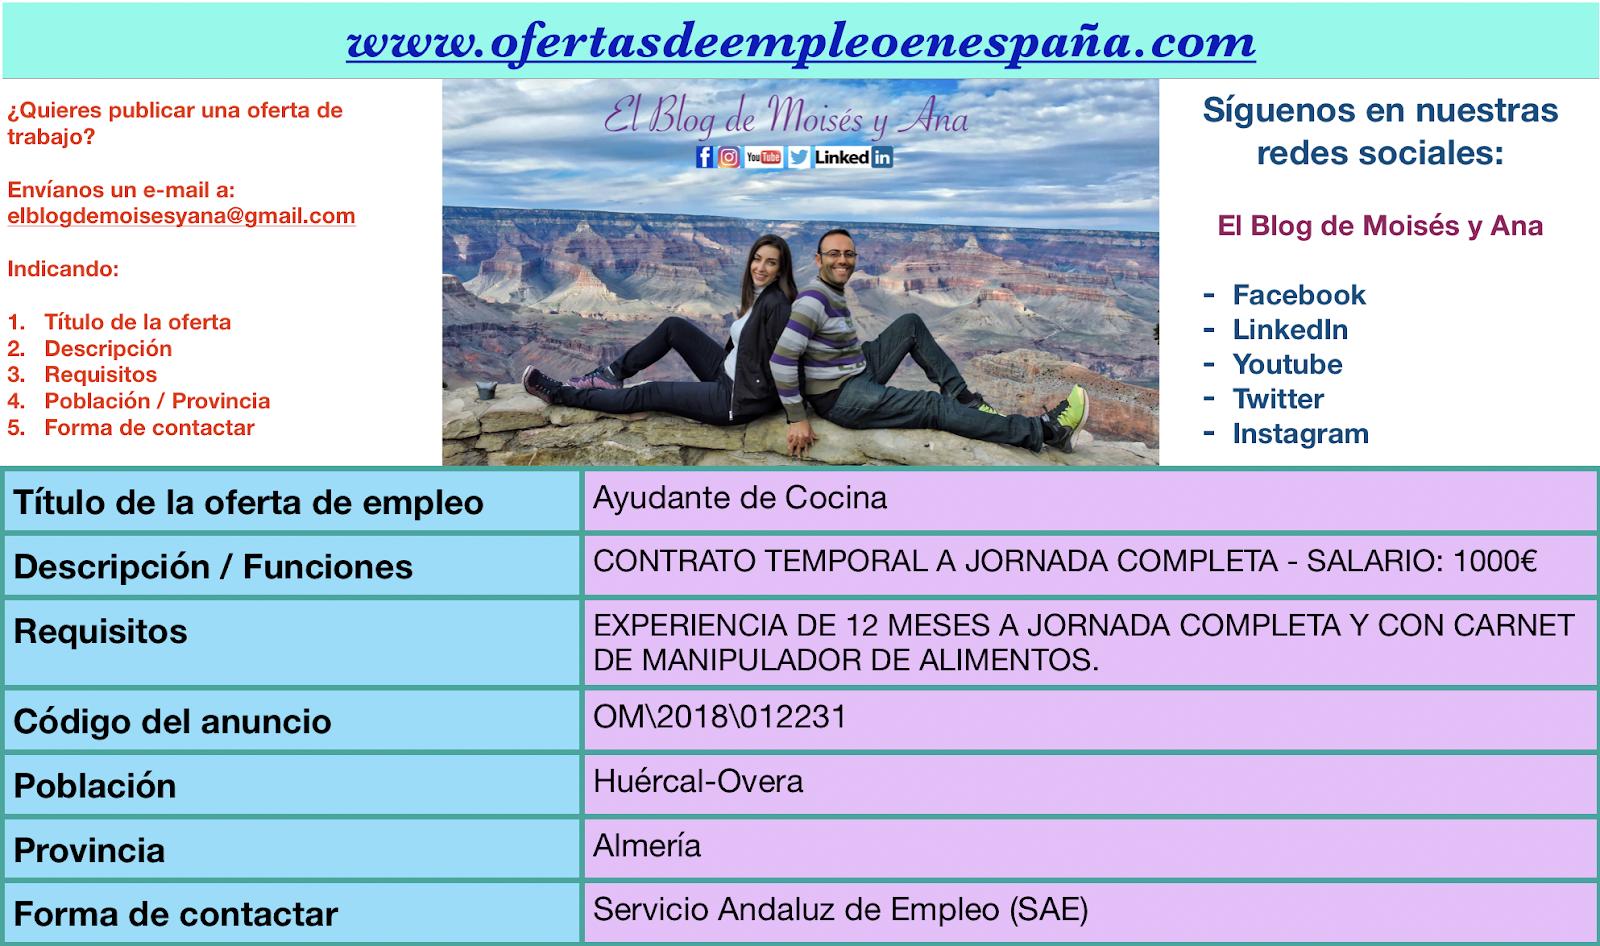 Ofertas de empleo en espa a ayudante de cocina hu rcal - Trabajo de ayudante de cocina en madrid ...